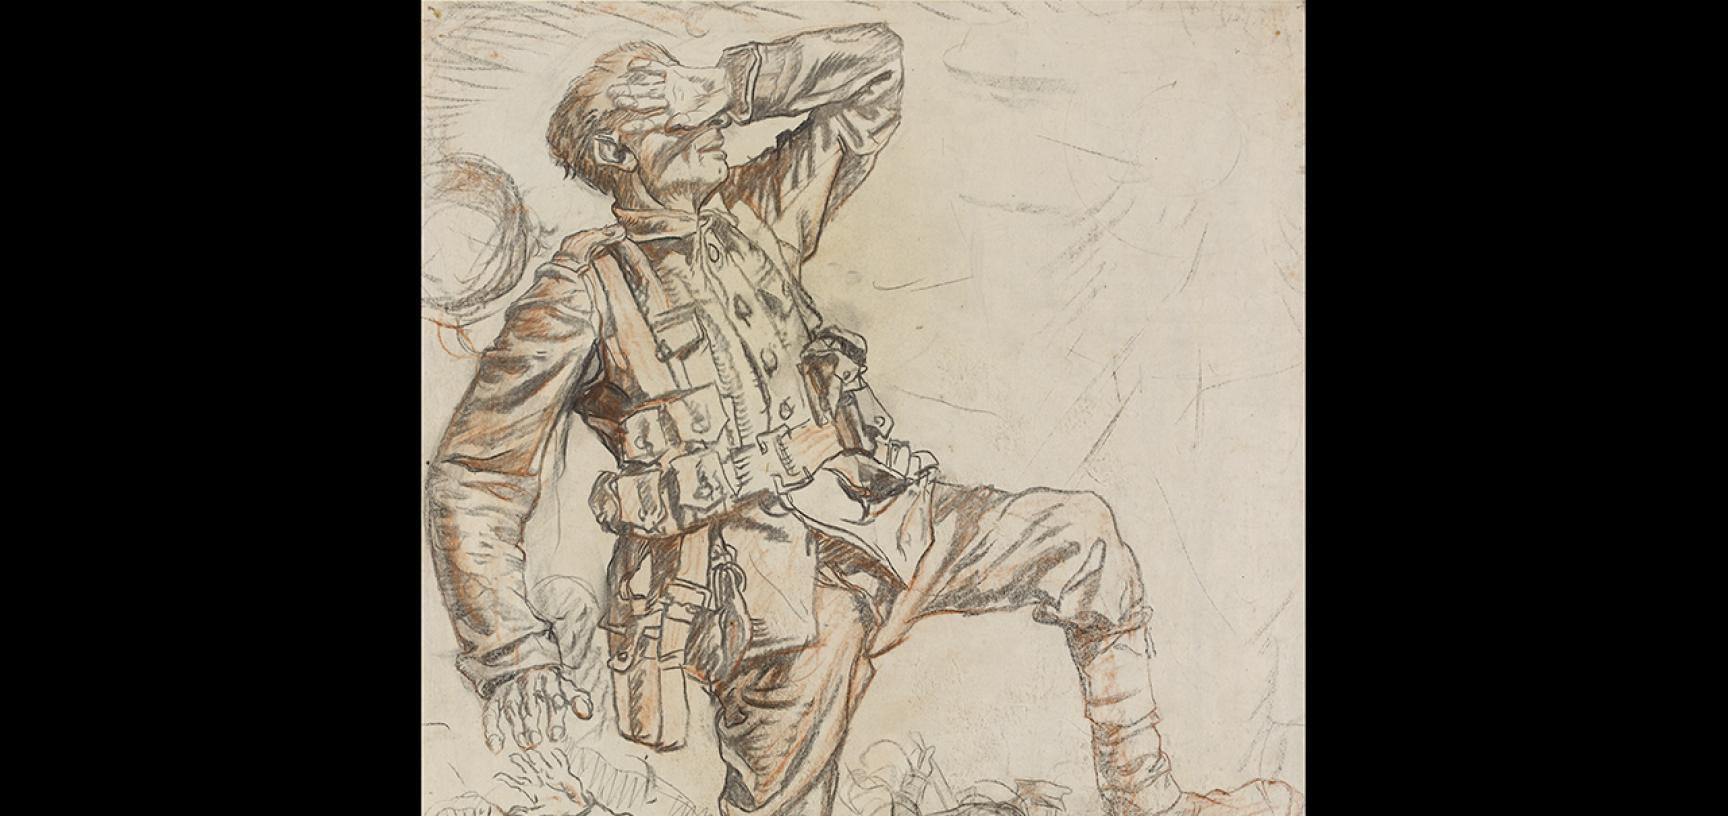 Frank Brangwyn, Soldiers under Airburst Fire ('Shell'), c. 1919 © Ashmolean Museum, Presented by Sir Frank Brangwyn R.A., WA1944.50